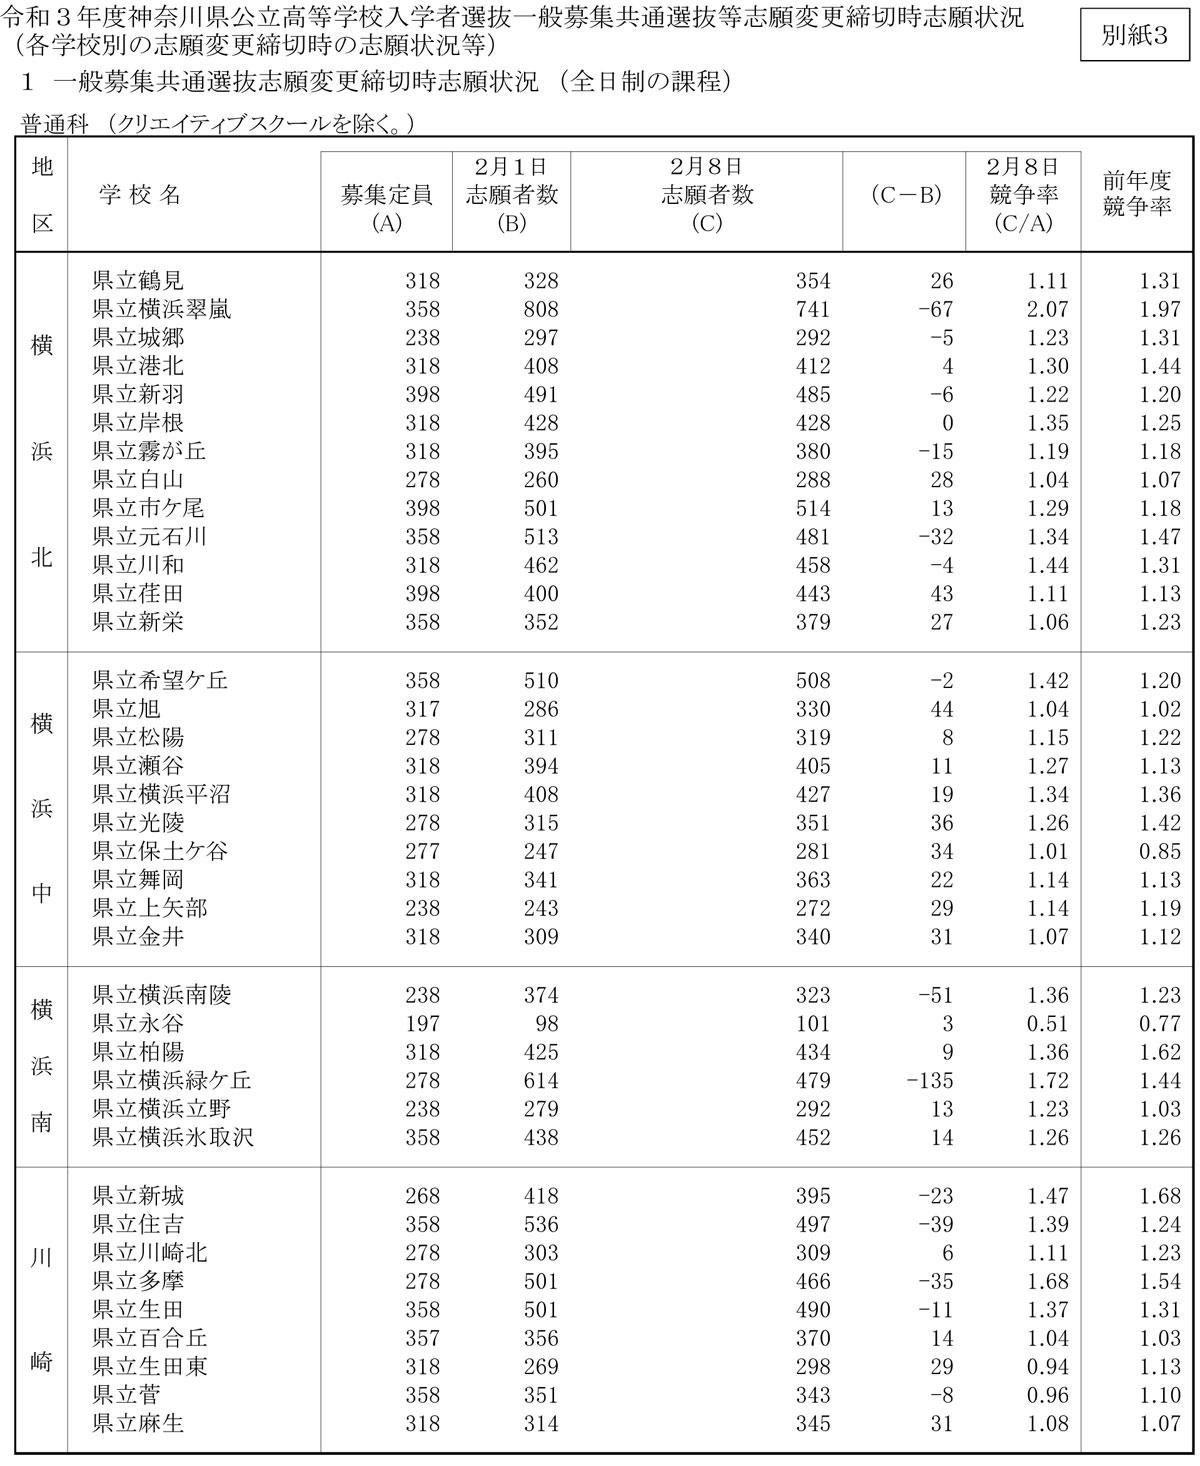 志願 後 倍率 2021 変更 県 公立 高校 神奈川